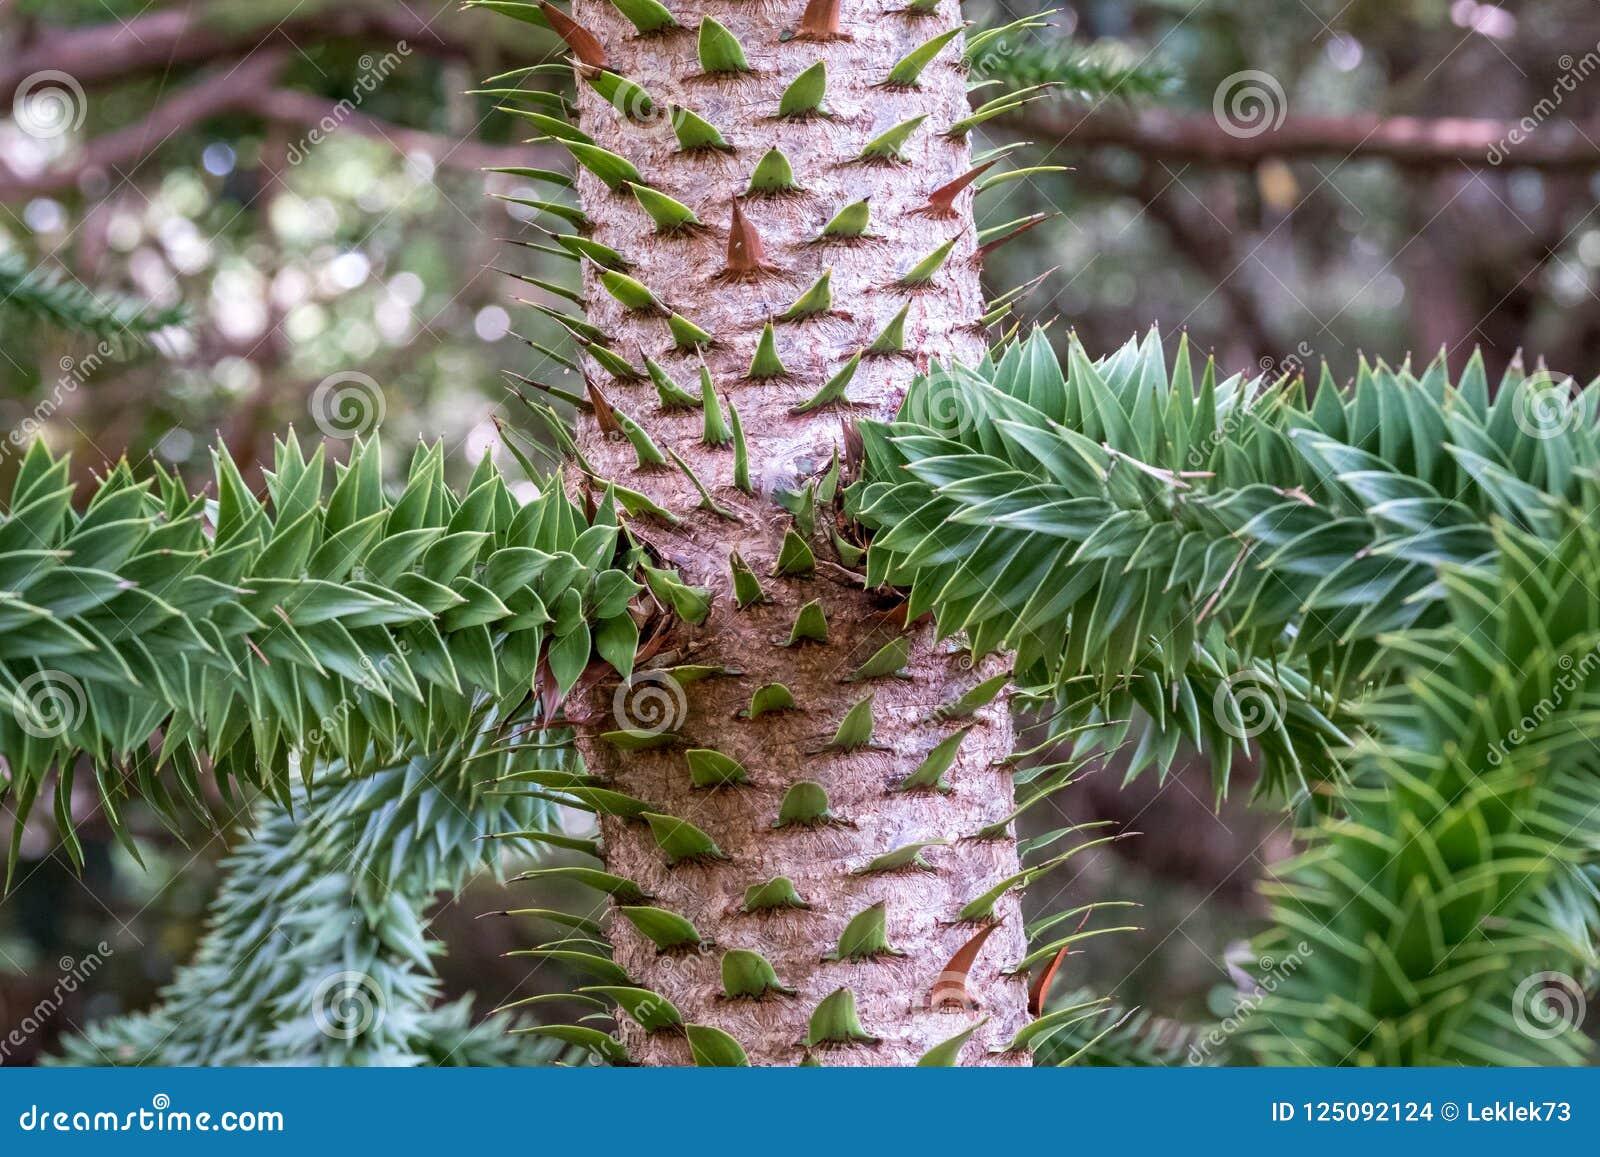 Zamyka w górę fotografia seansu szczegółu bagażnika, korowatych i wiecznozielonych liście małpiej łamigłówki drzewo,